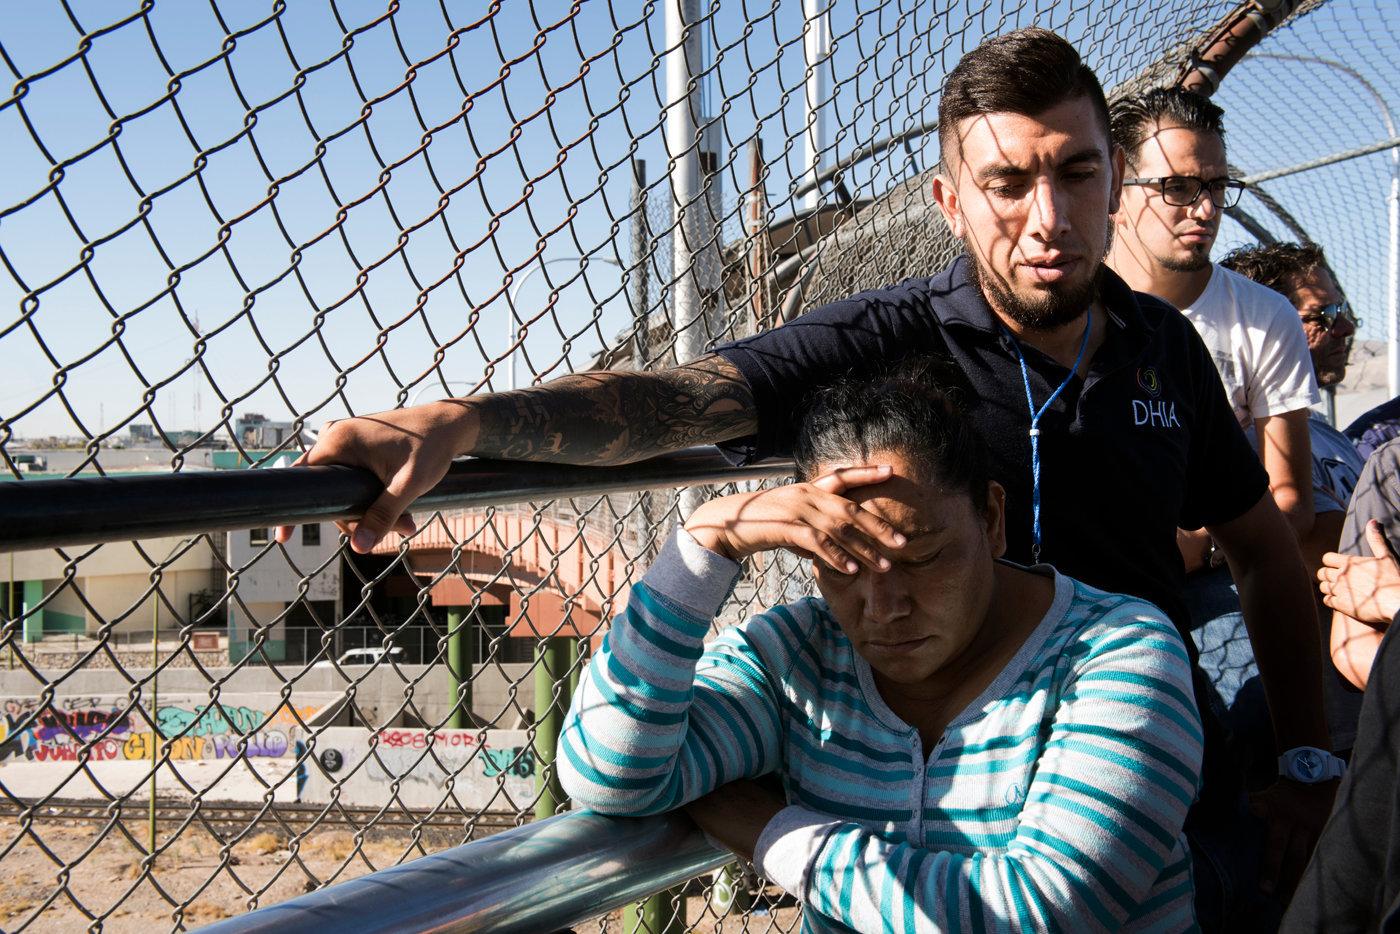 Una delle donne richiedenti asilo in attesa di responso per ingresso negli USA_Paso del Norte Port Entry_El Paso_DSC6250.jpg